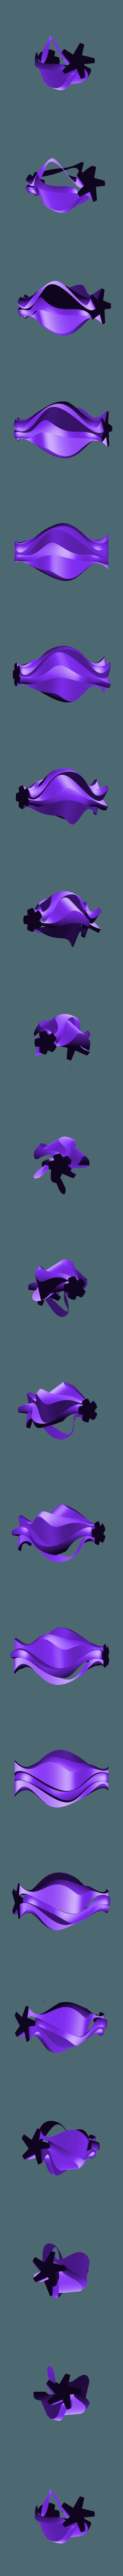 test_vase2_2.stl Download free STL file Leave Vase • Model to 3D print, Job